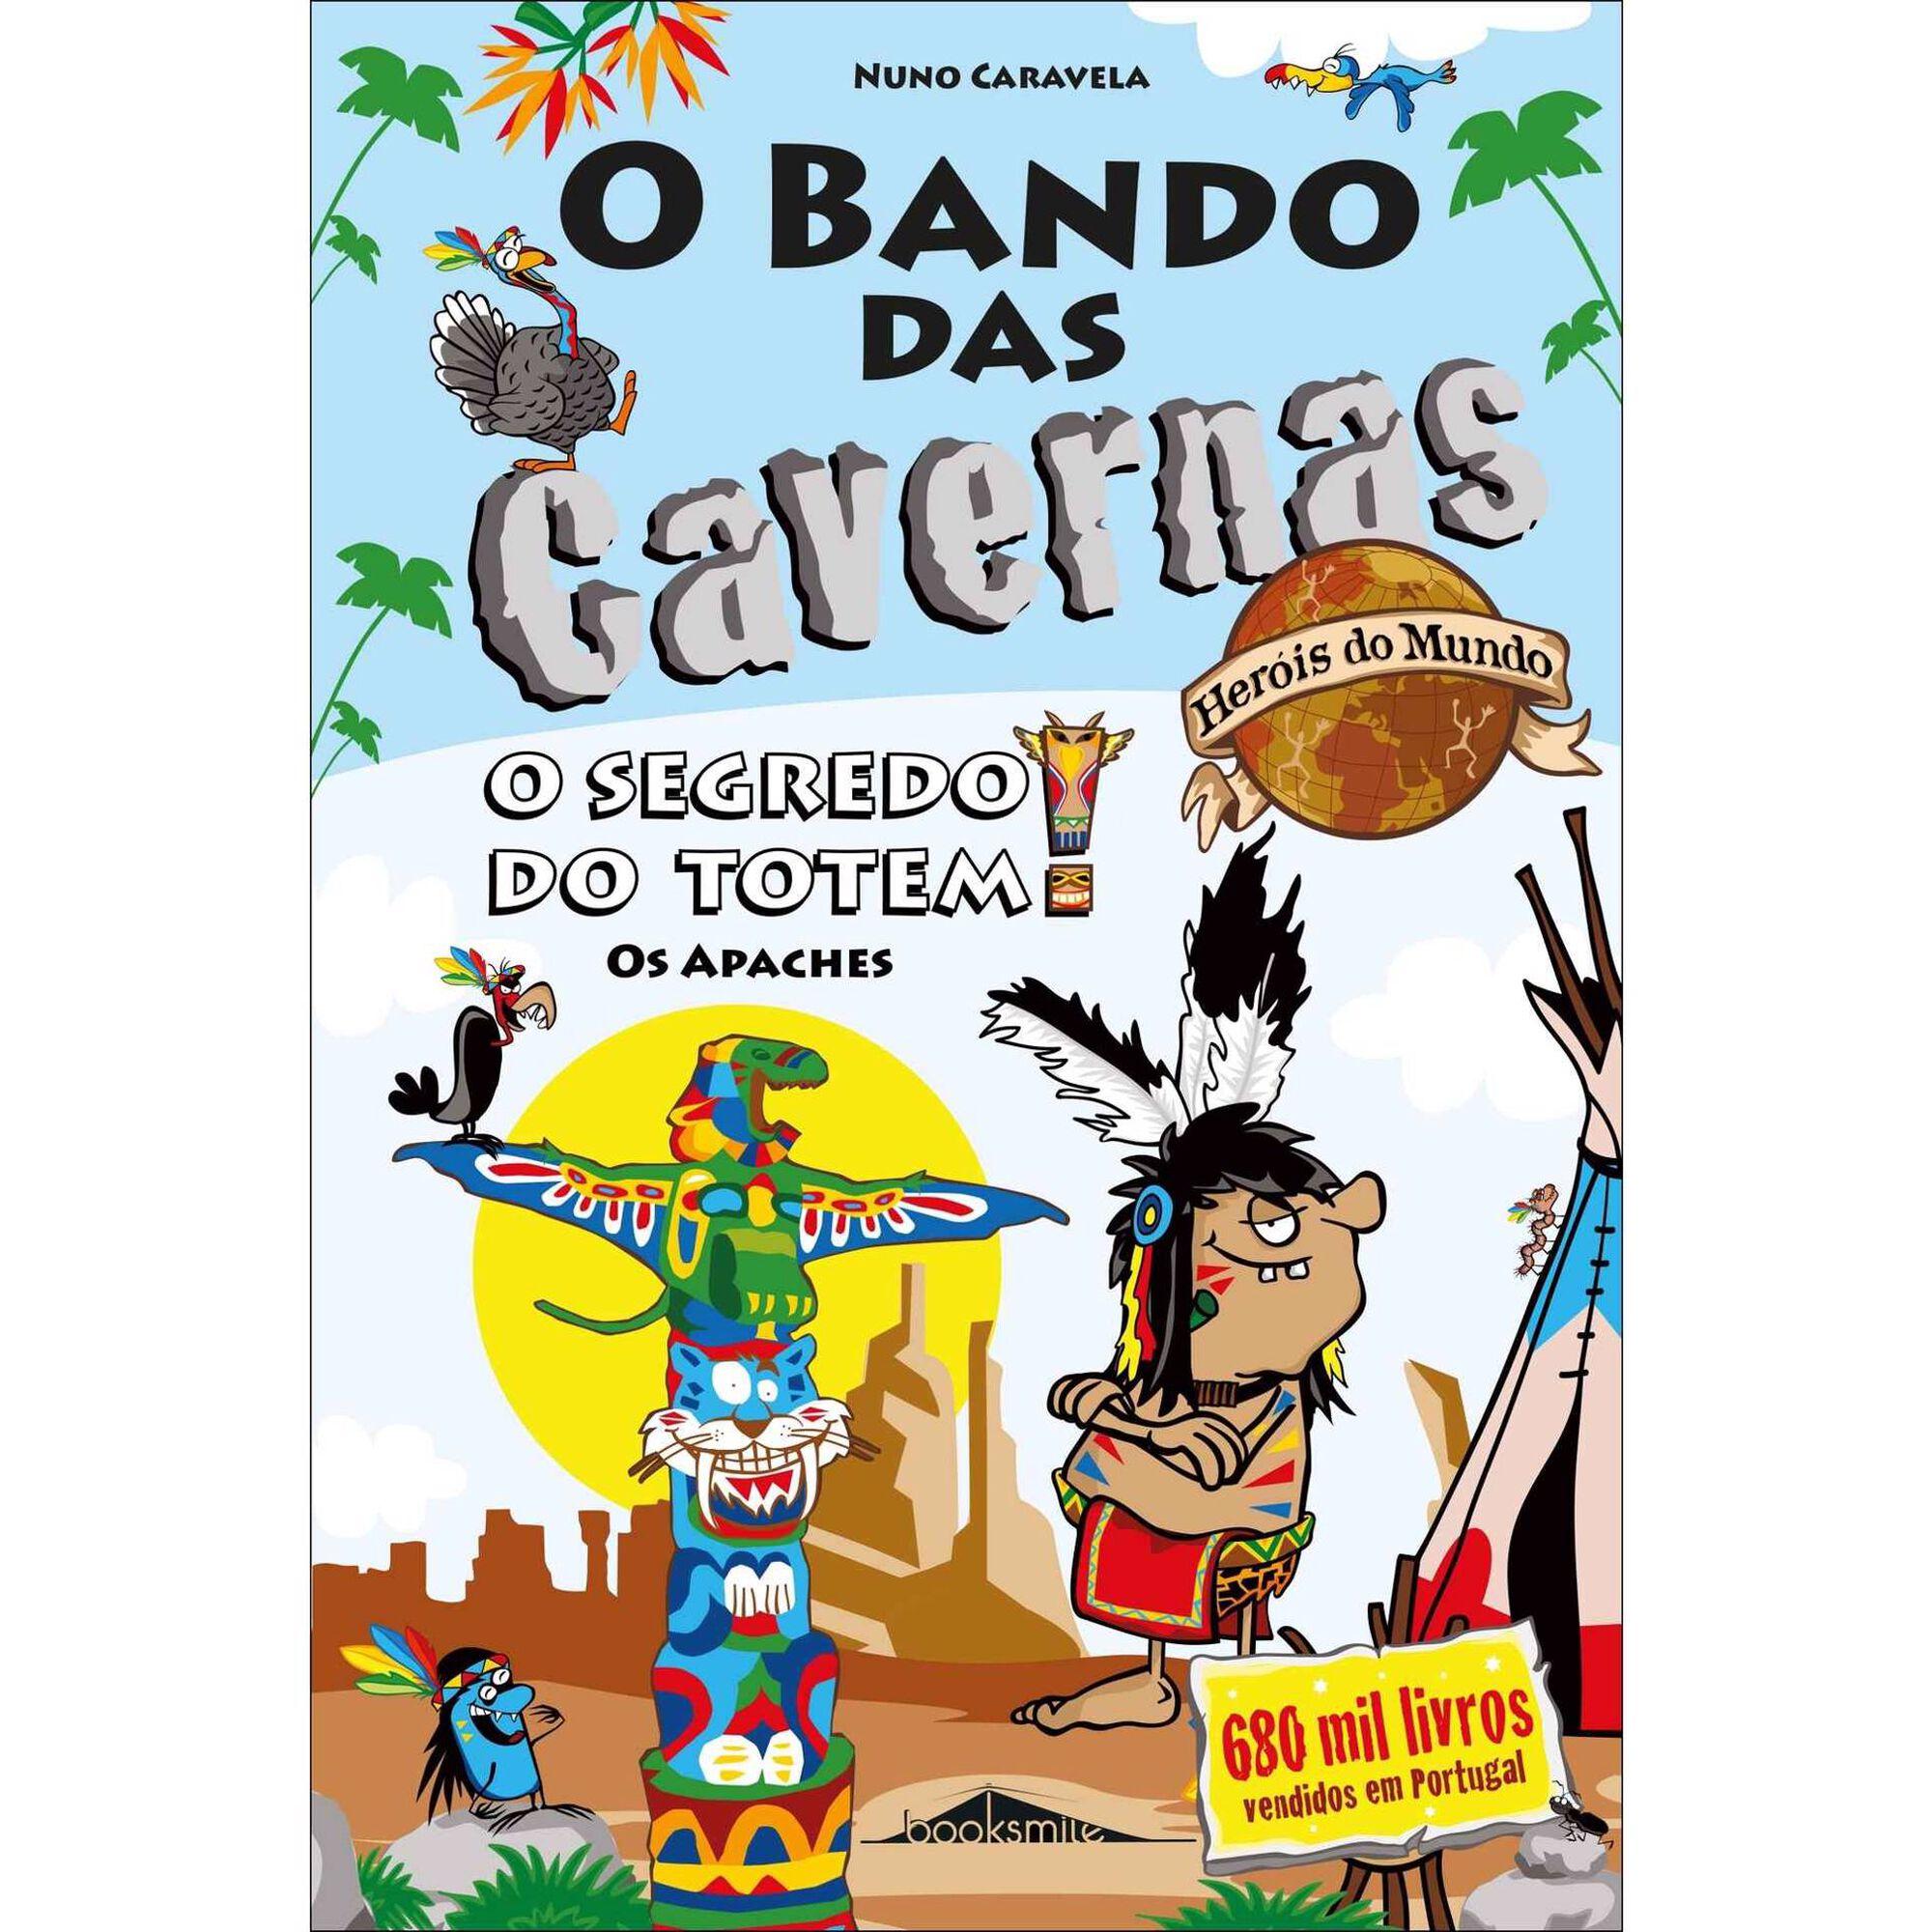 Bando das Cavernas Heróis do Mundo Nº 6 - O Segredo do Totem! Os Apaches